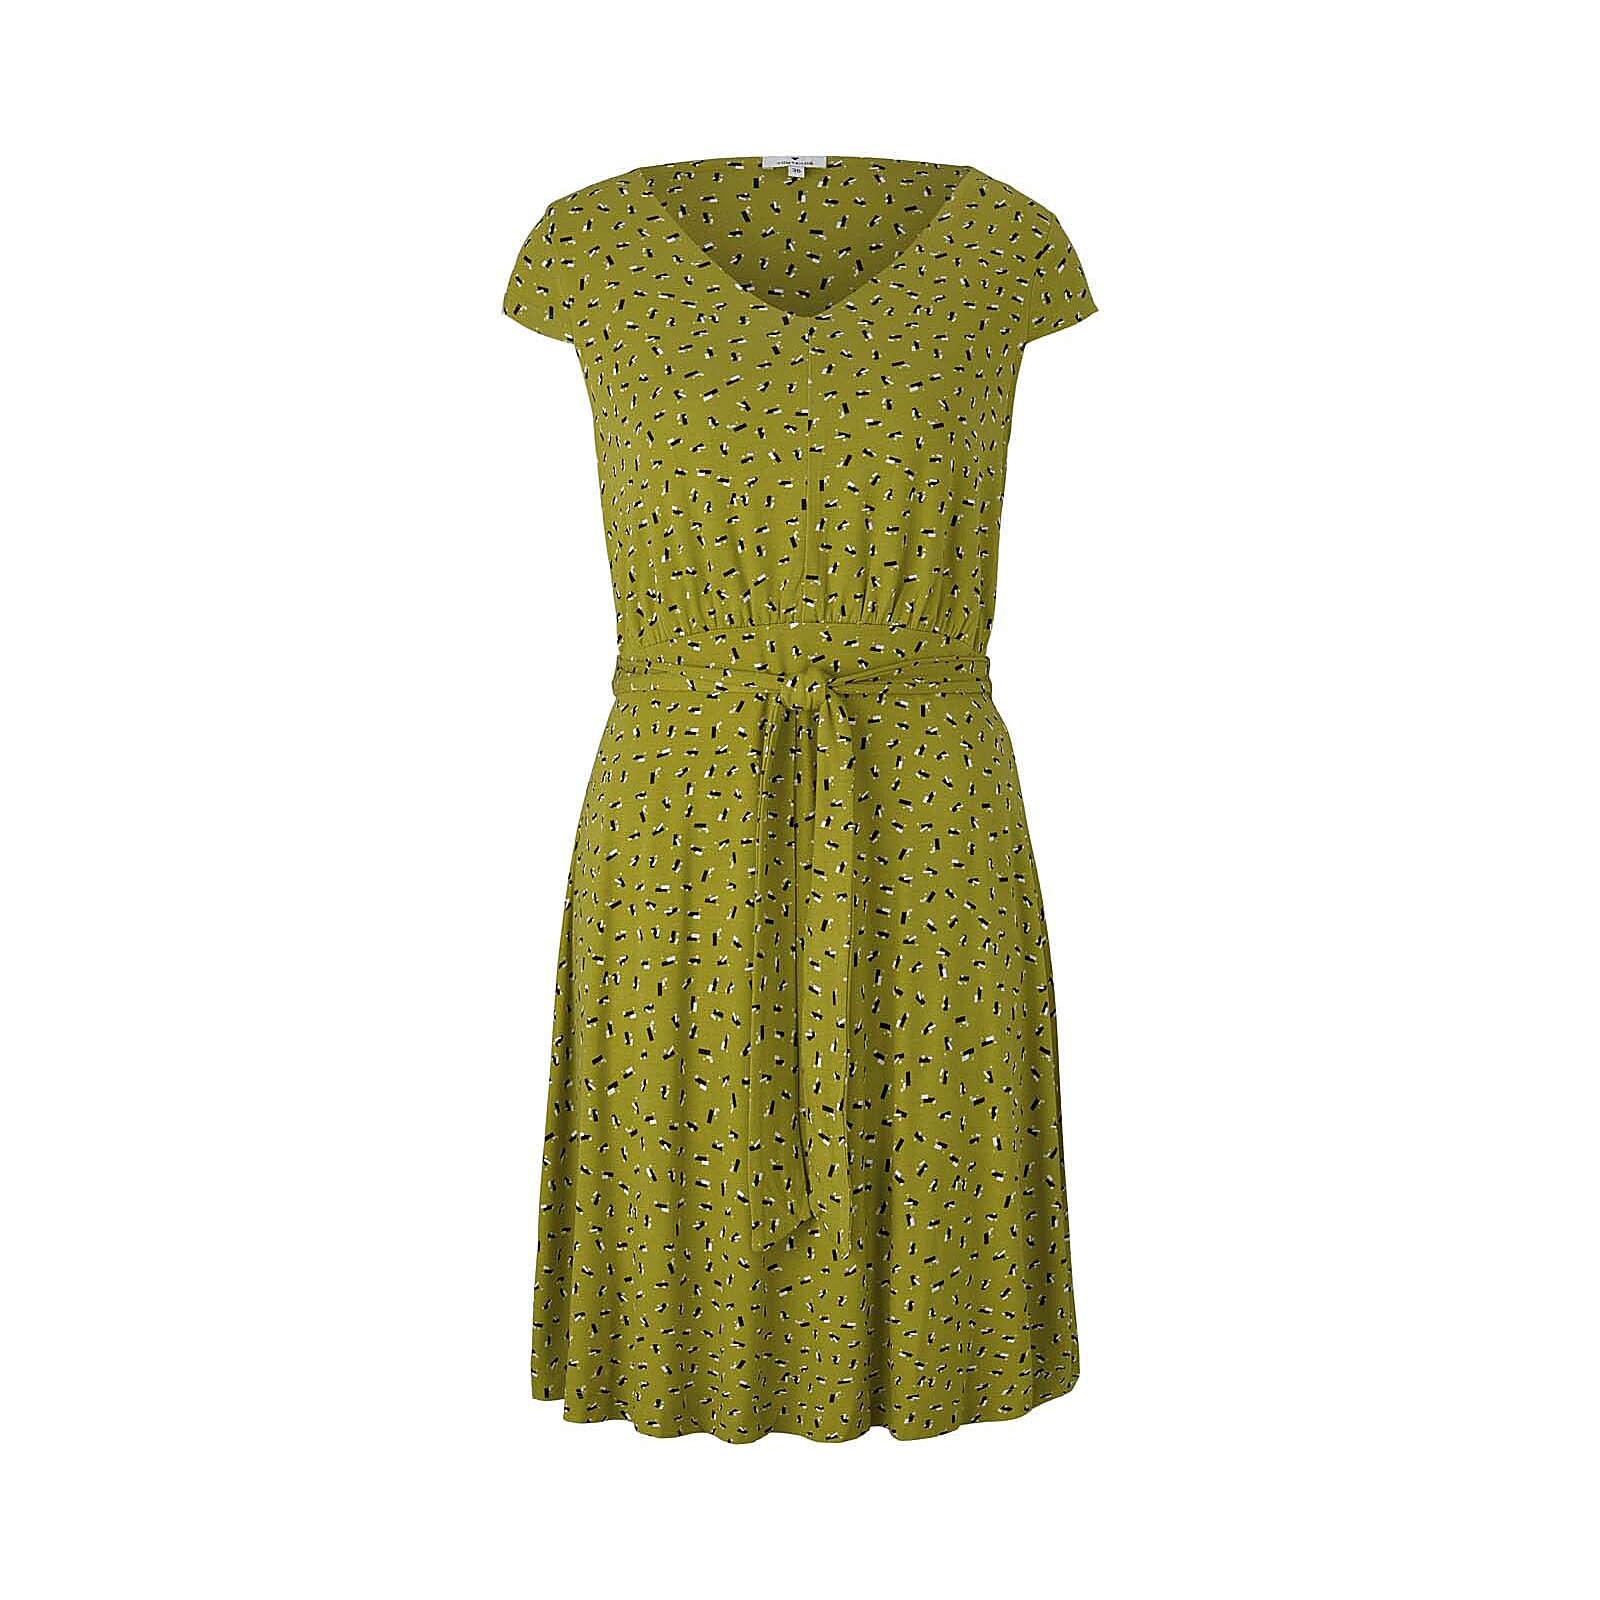 TOM TAILOR Kleider & Jumpsuits Gemustertes Jerseykleid mit Bindegürtel Jerseykleider grün Damen Gr. 44